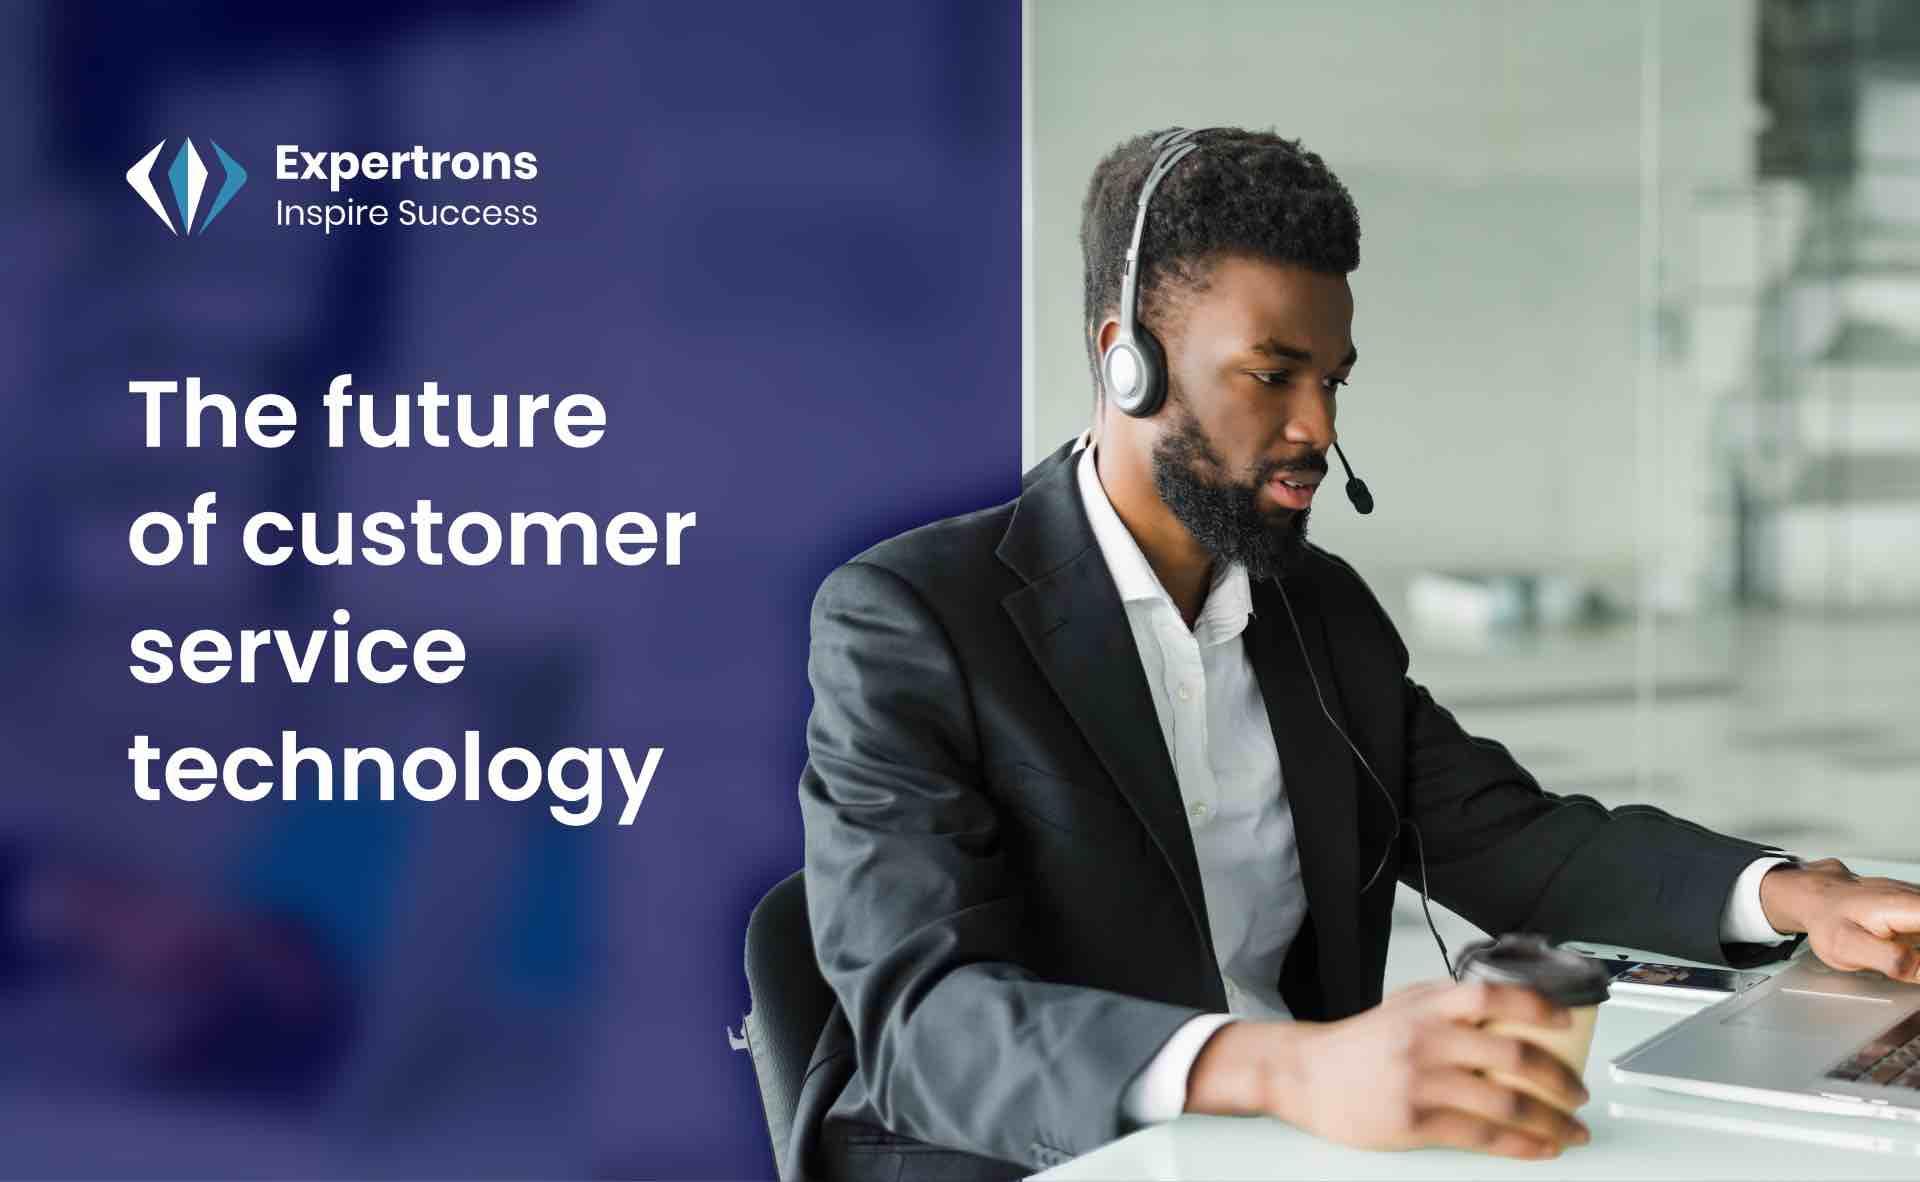 customer service technology, AI videobot technology, AI powred videobots, business communication, customer satisfaction, customer service technology